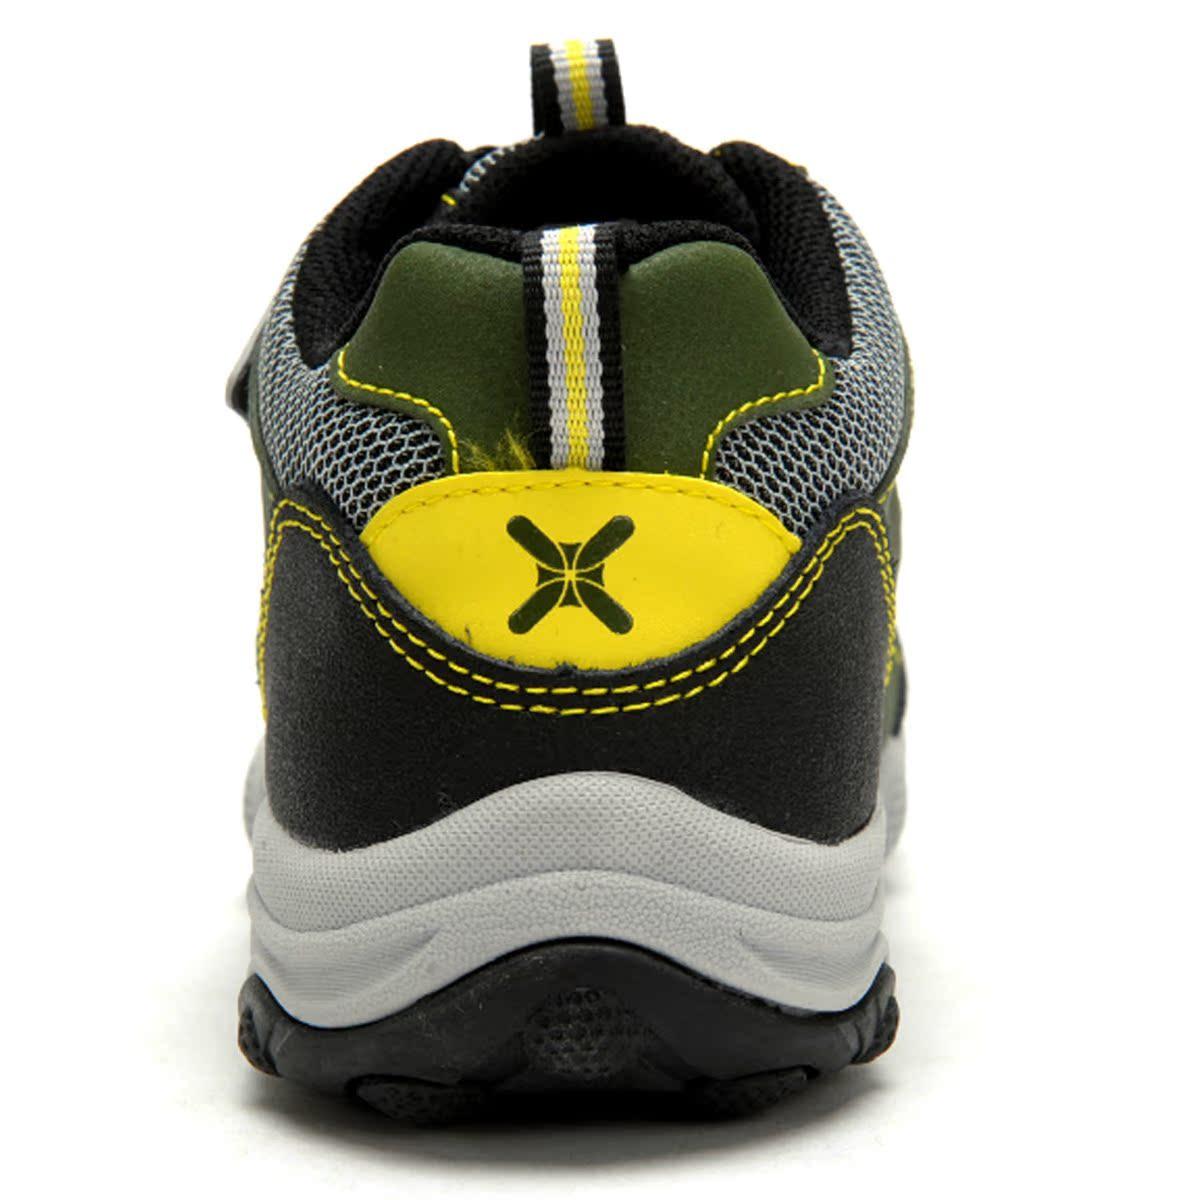 Детская спортивная обувь Xtep 688116110055 Кроссовки Универсальный Все сезоны